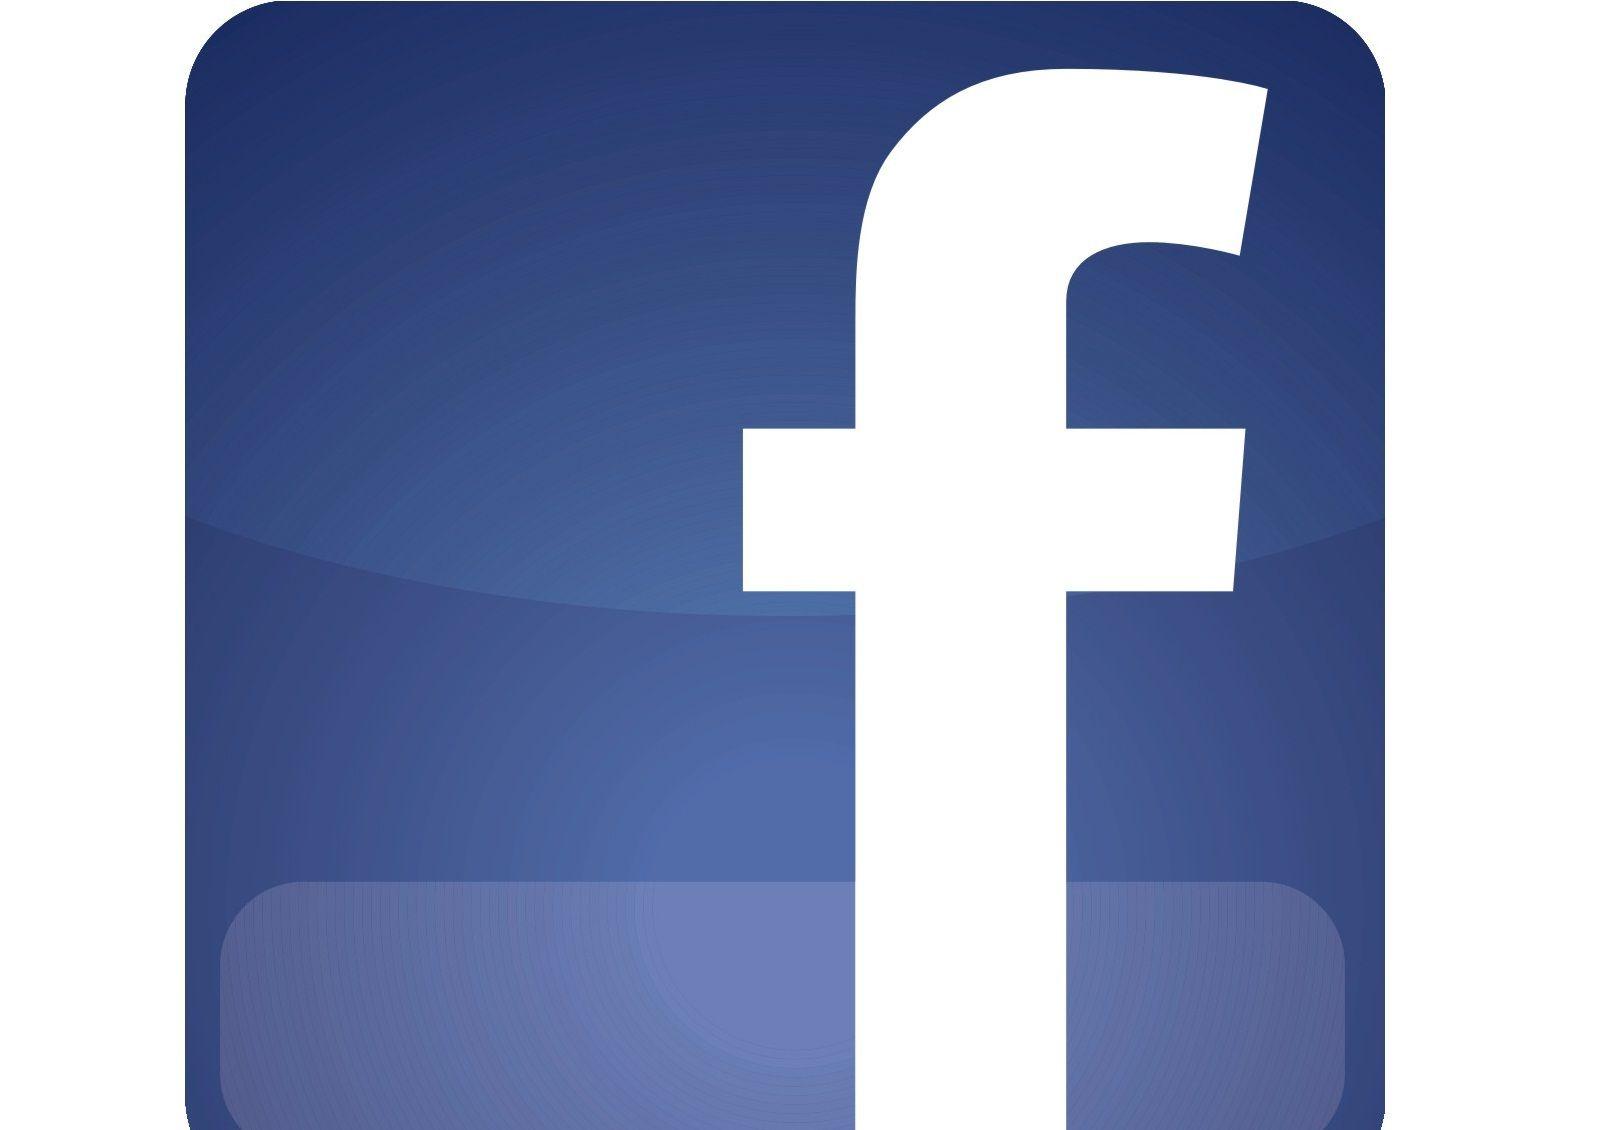 607959-facebook-logo